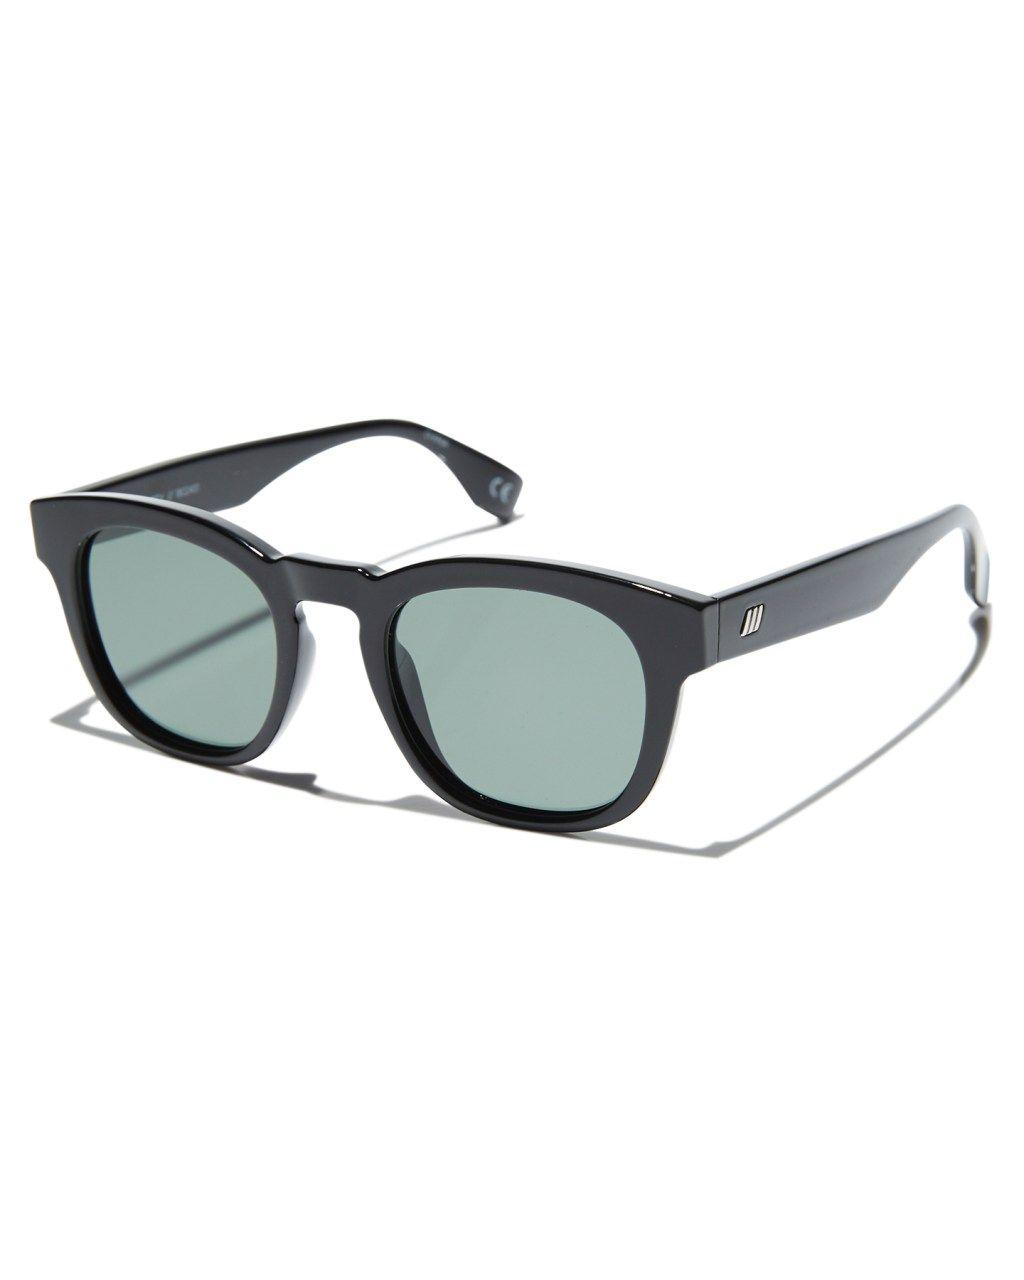 15a3af0851f Le Specs Block Party Polarized Sunglasses Black Mens sunglasses Size ...